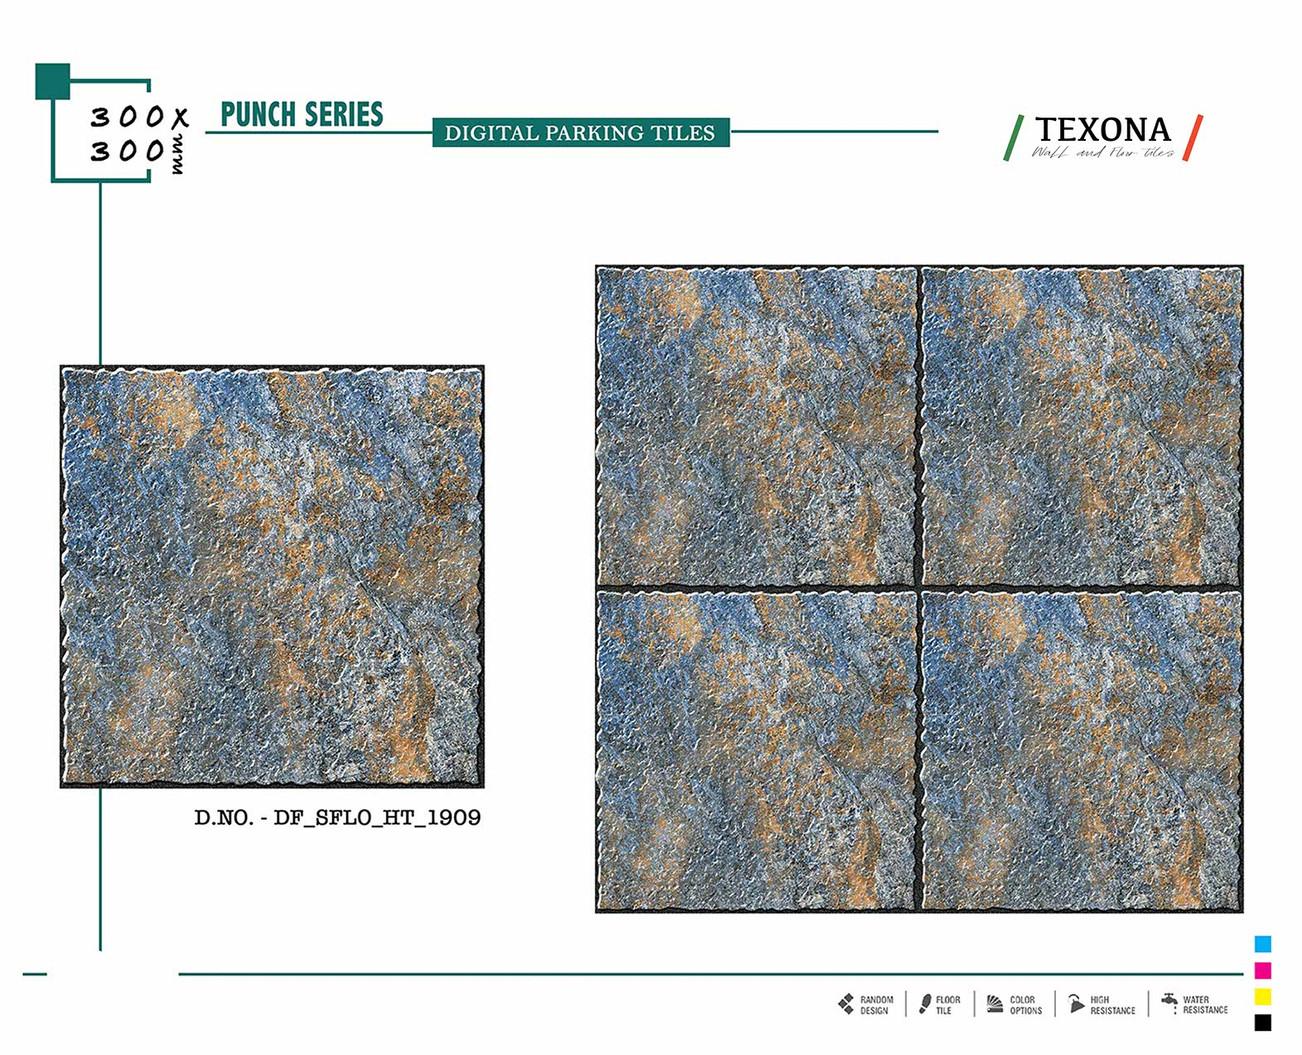 12X12 PARKING VOL.2_Page_04_Image_0001.j